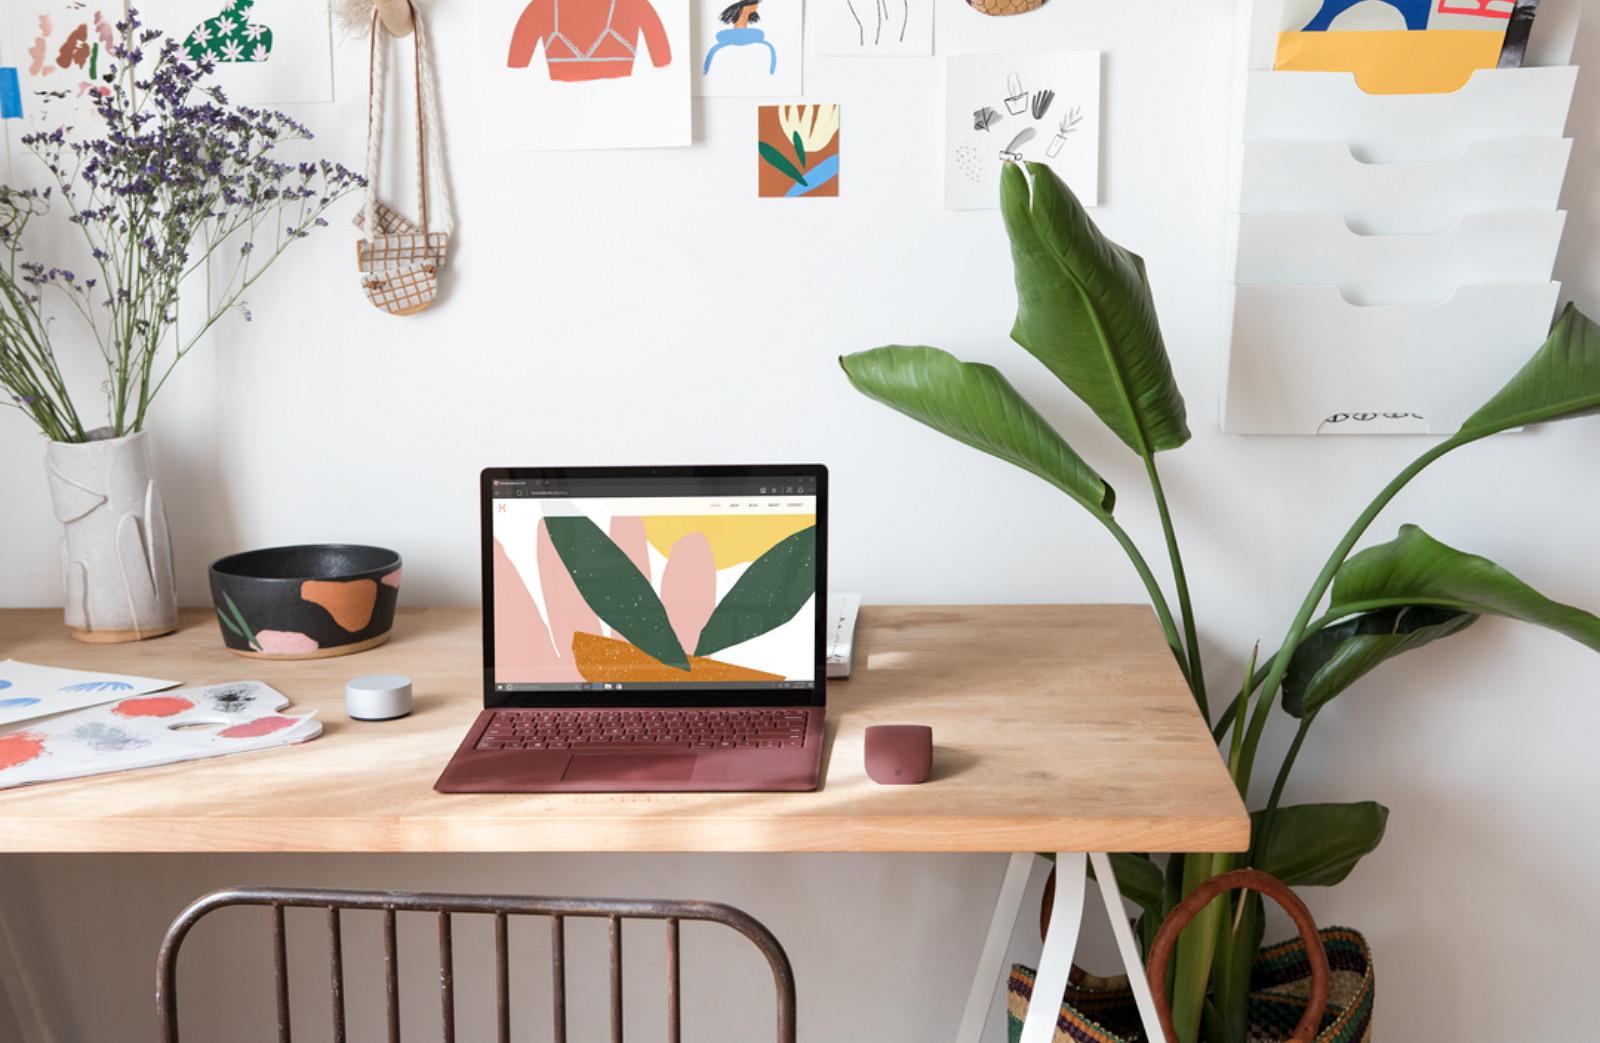 Microsoft Surface Laptop on a desk